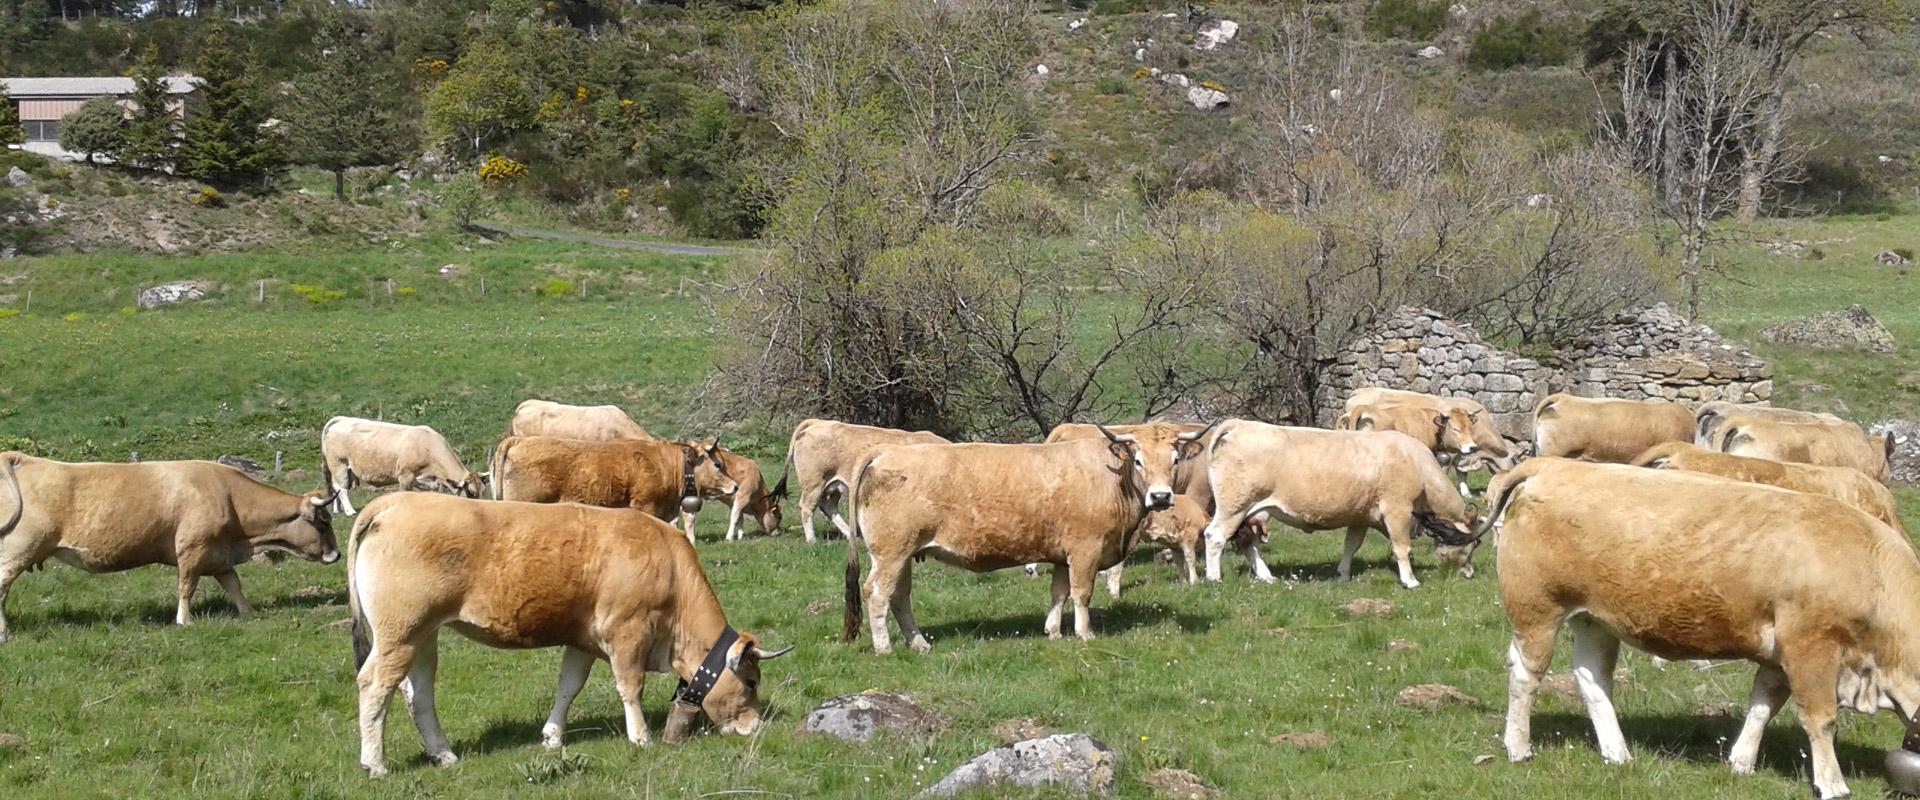 Vue d'un troupeau de vache dans les alentours du gîte Lou Saltret entre Cévennes et Aubrac au cœur de la Lozère, en Margeride